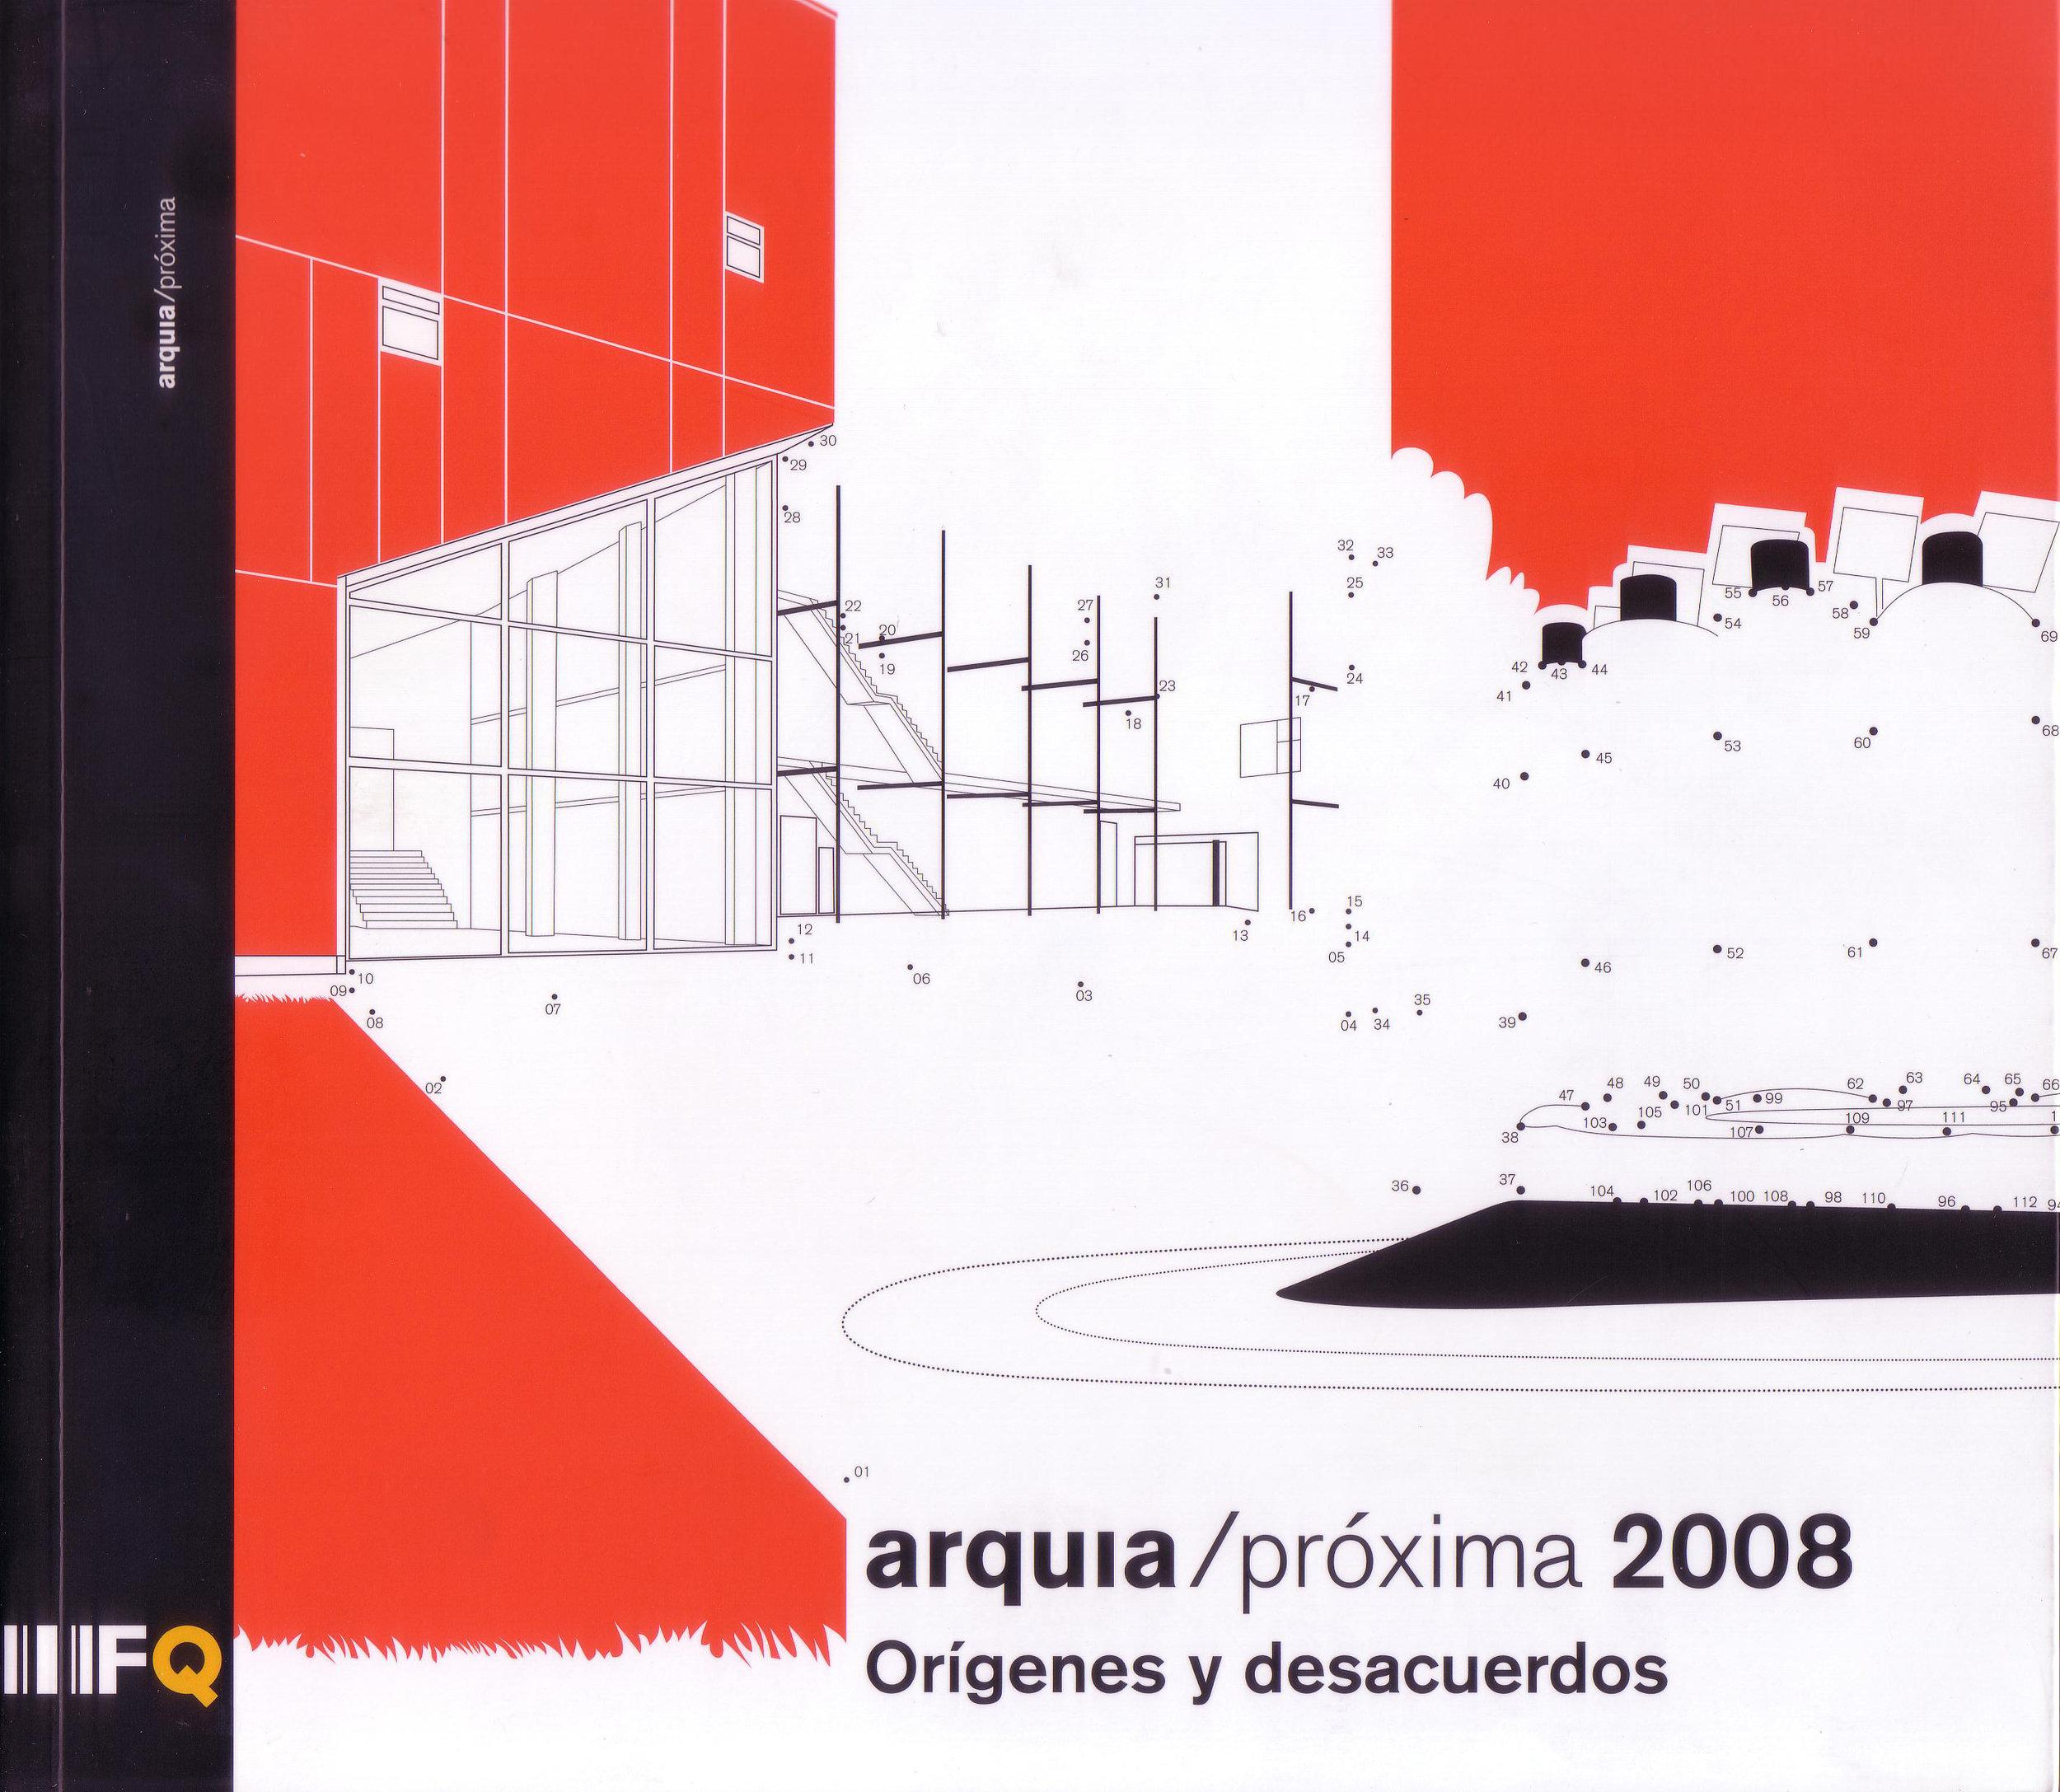 2008_Arquia_Próxima-1.jpg